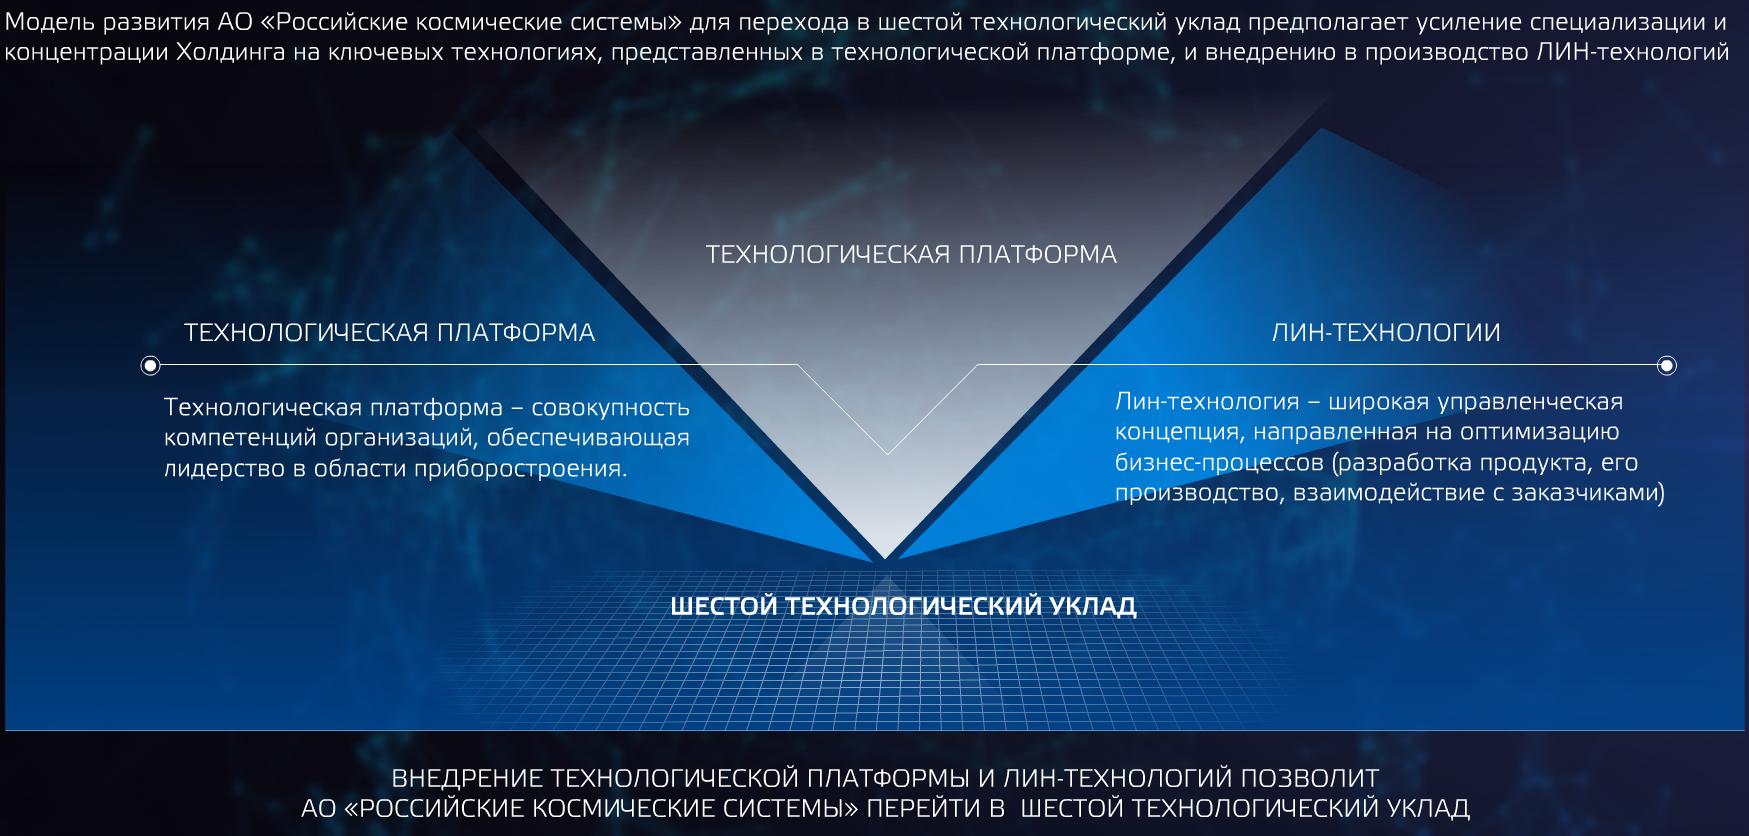 4web_модель_развития_РКС(6-техуклад)